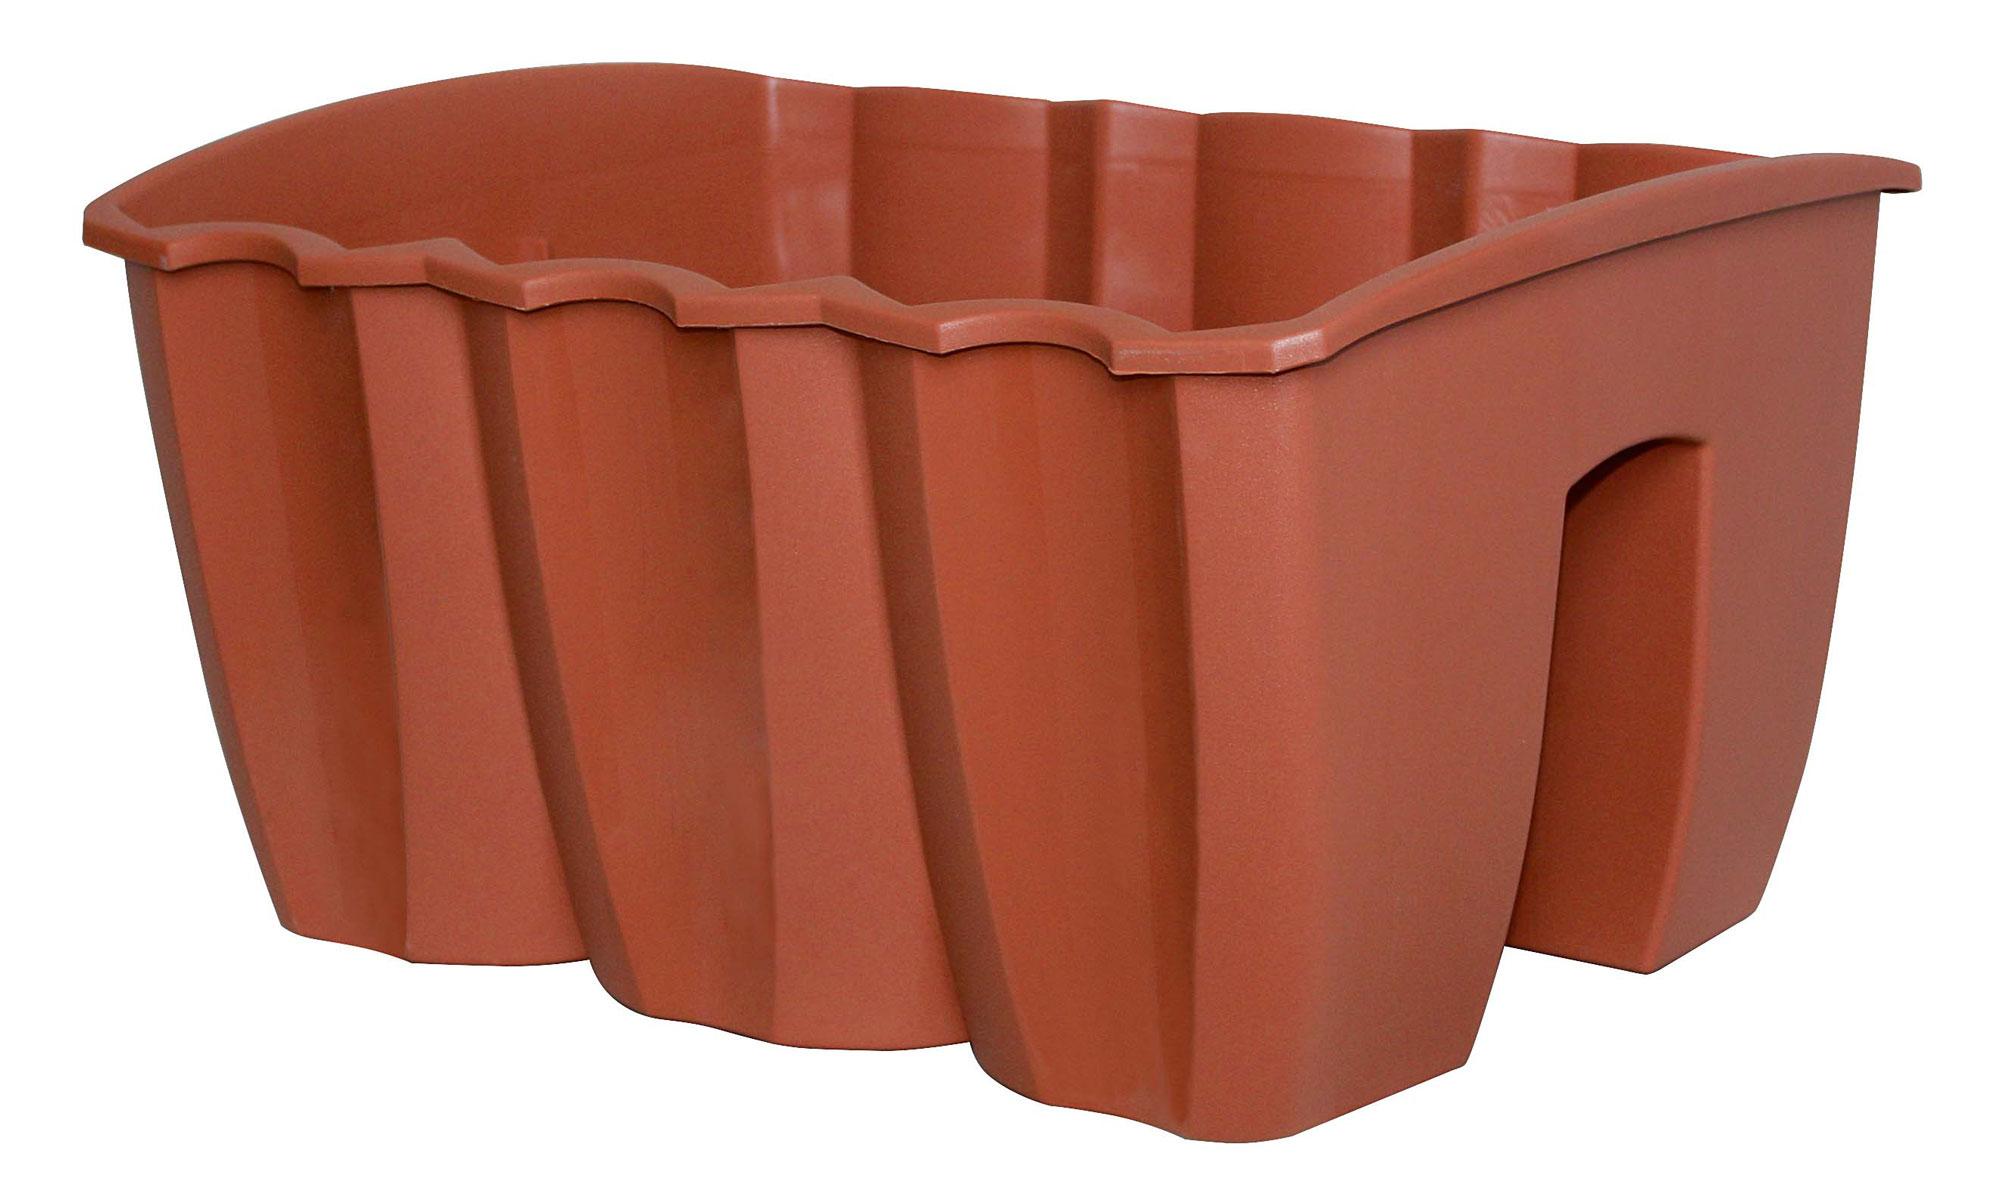 Geländerblumentopf doppelt Crown 39,5 cm terracotta Bild 1